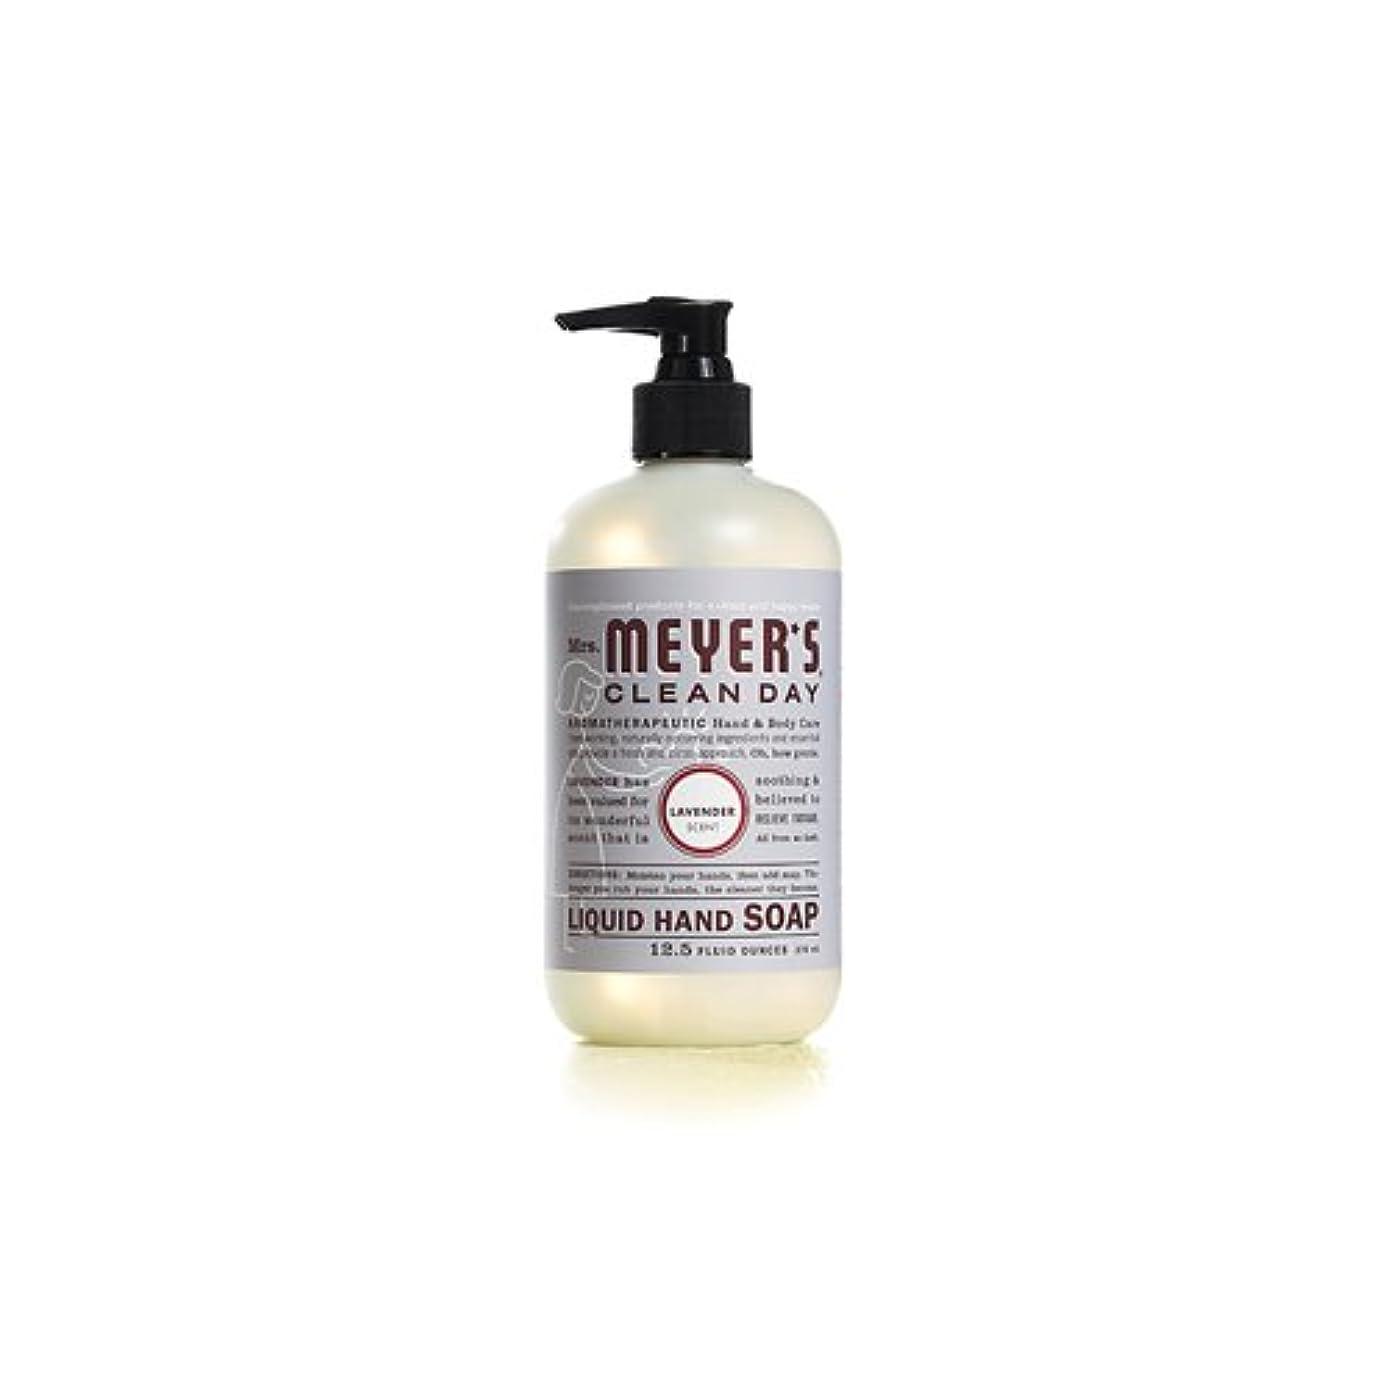 運動先入観繁栄するLavender Liquid Hand Soap, 12.5 Ounce [Set of 2] by Mrs. Meyers